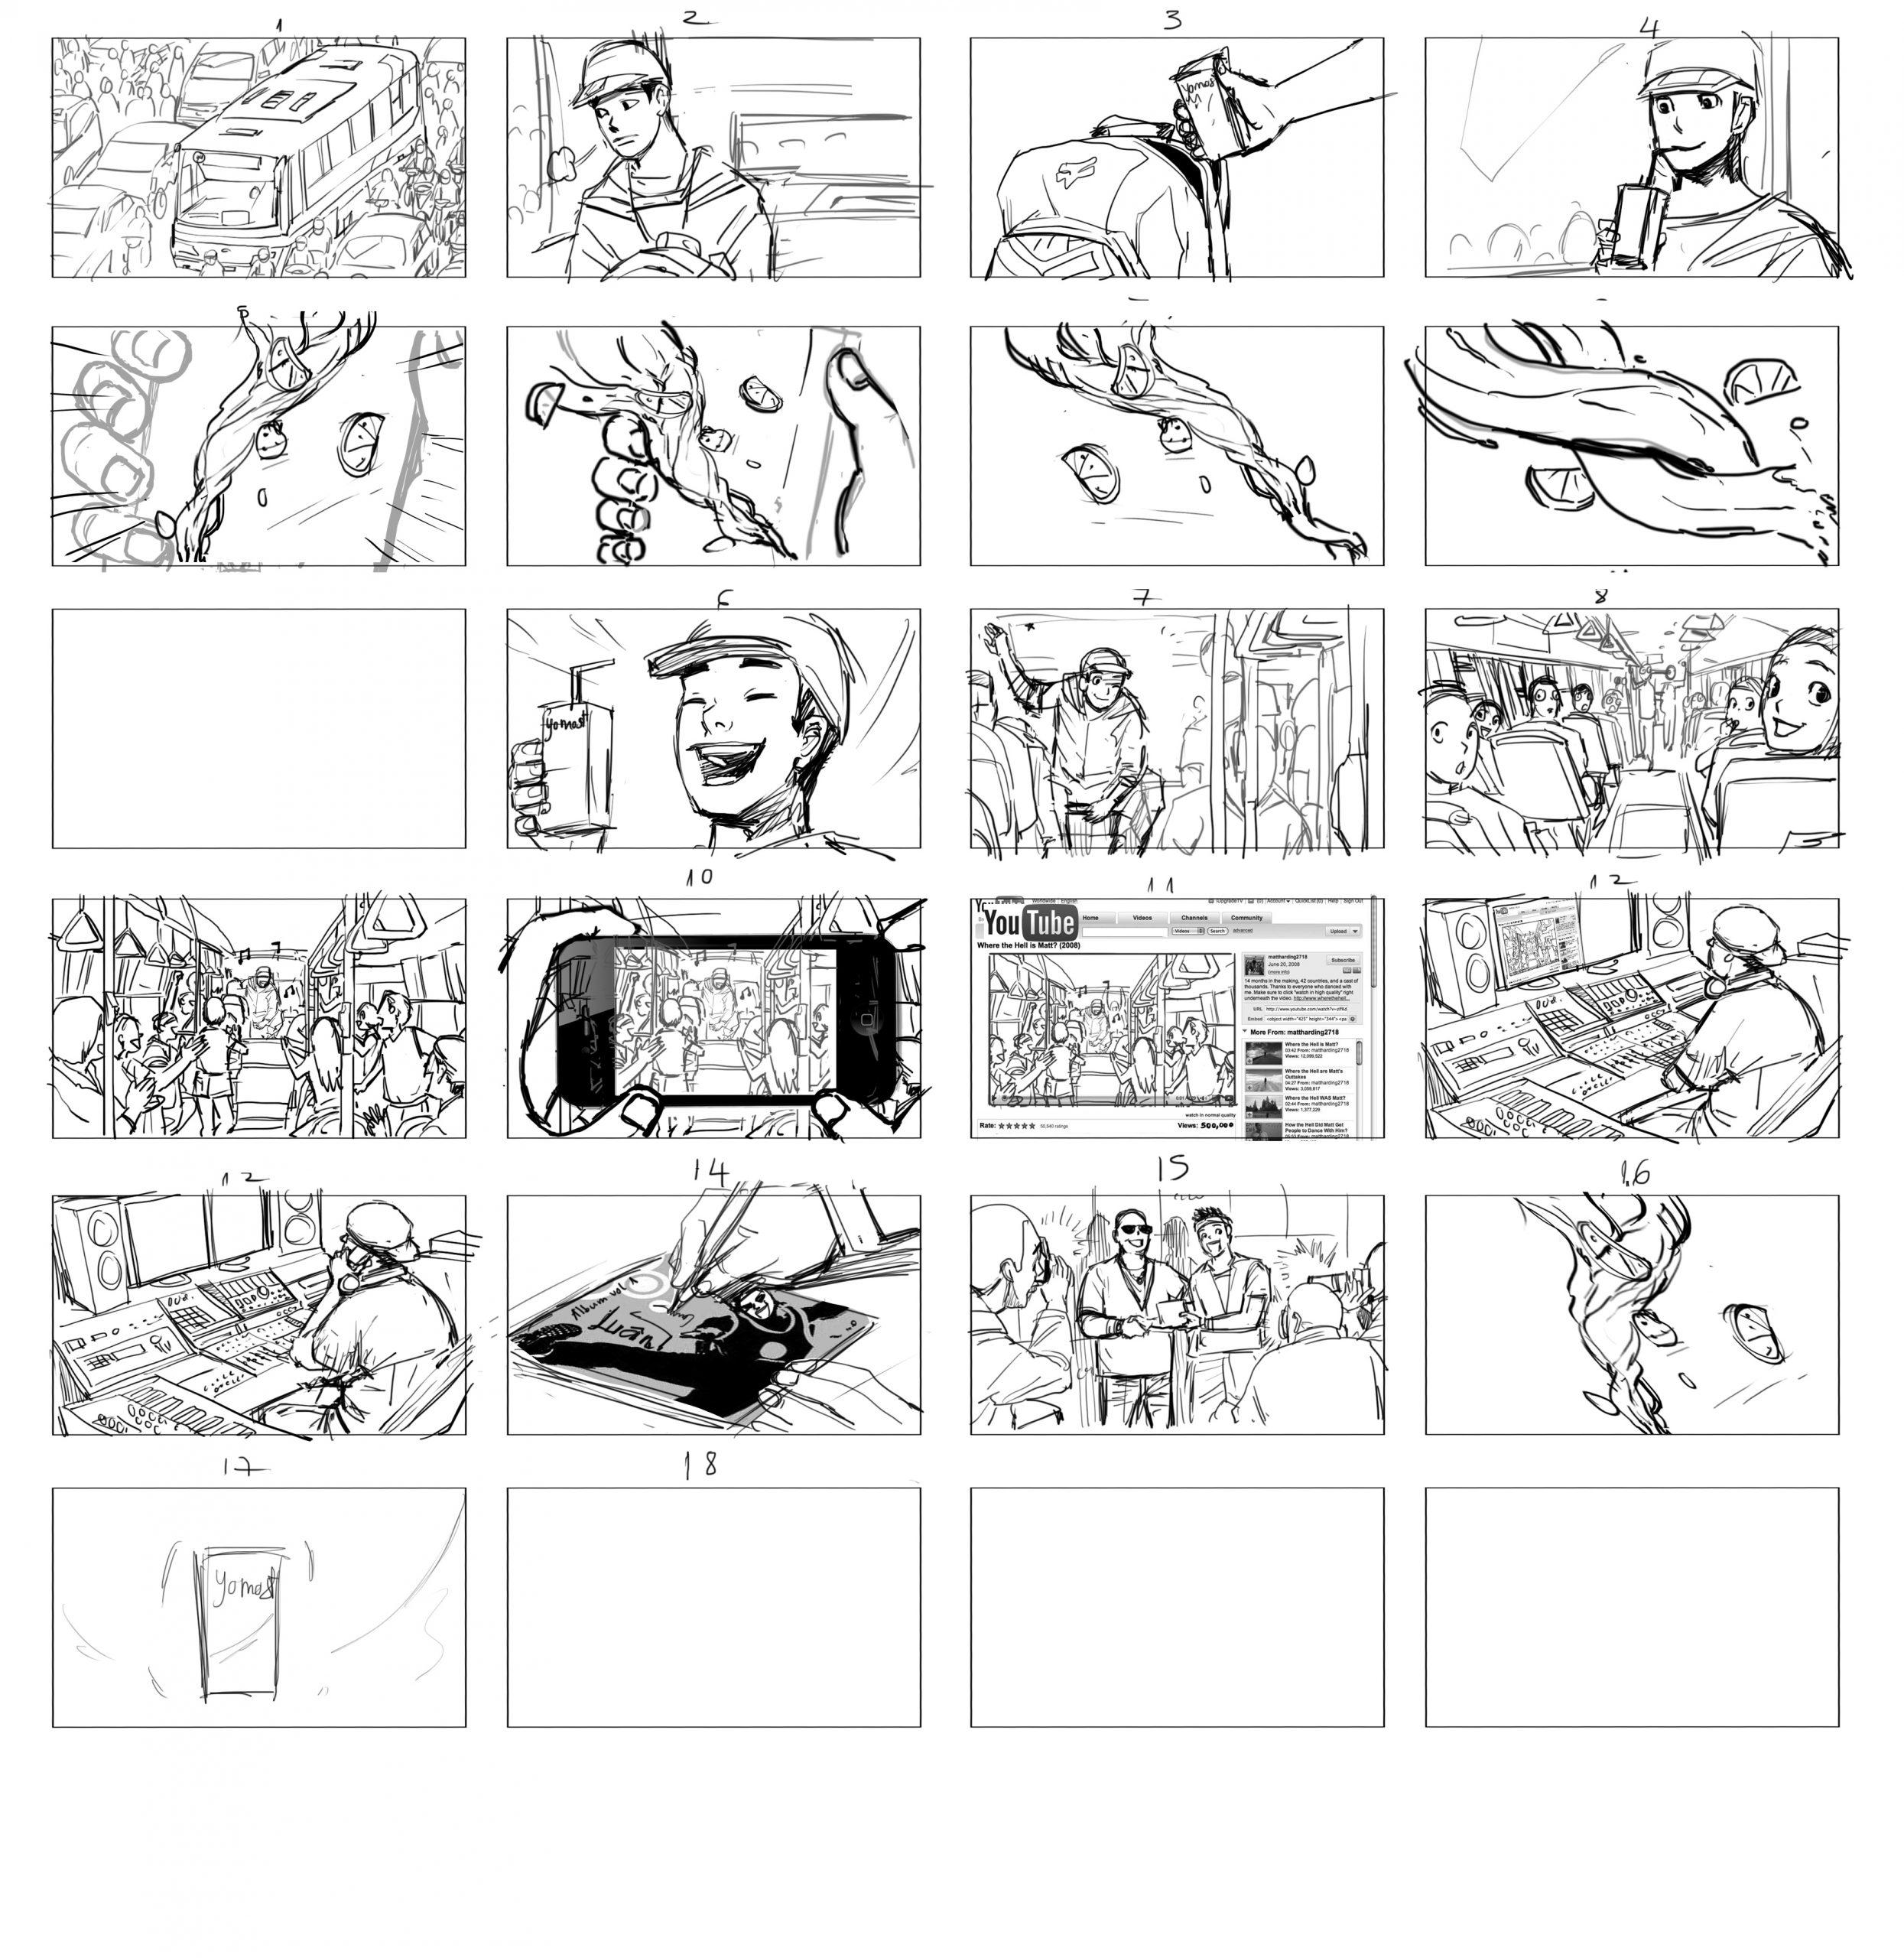 Trình bày storyboard sáng tạo cũng rất quan trọng